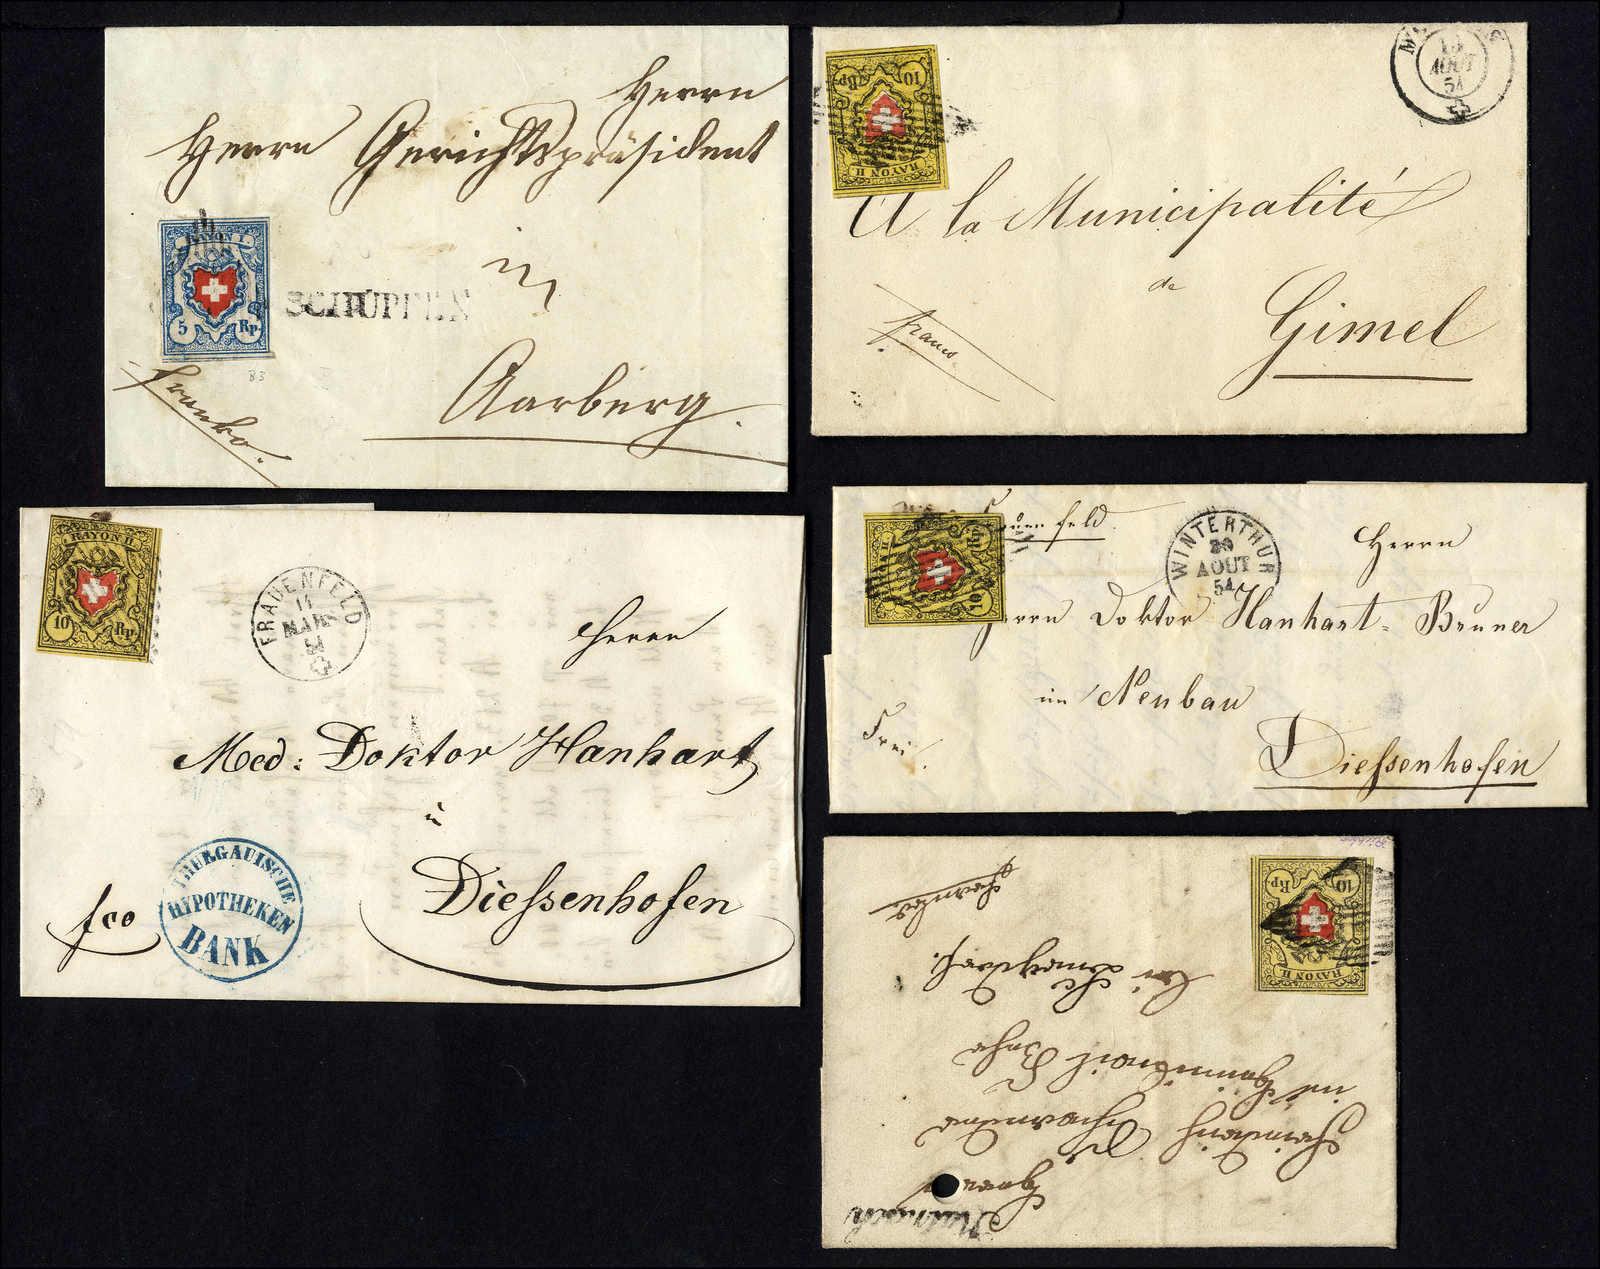 Lot 66 - sammlungen und posten sammlungen und posten altschweiz -  Rolli Auctions Auction #68 Day 1